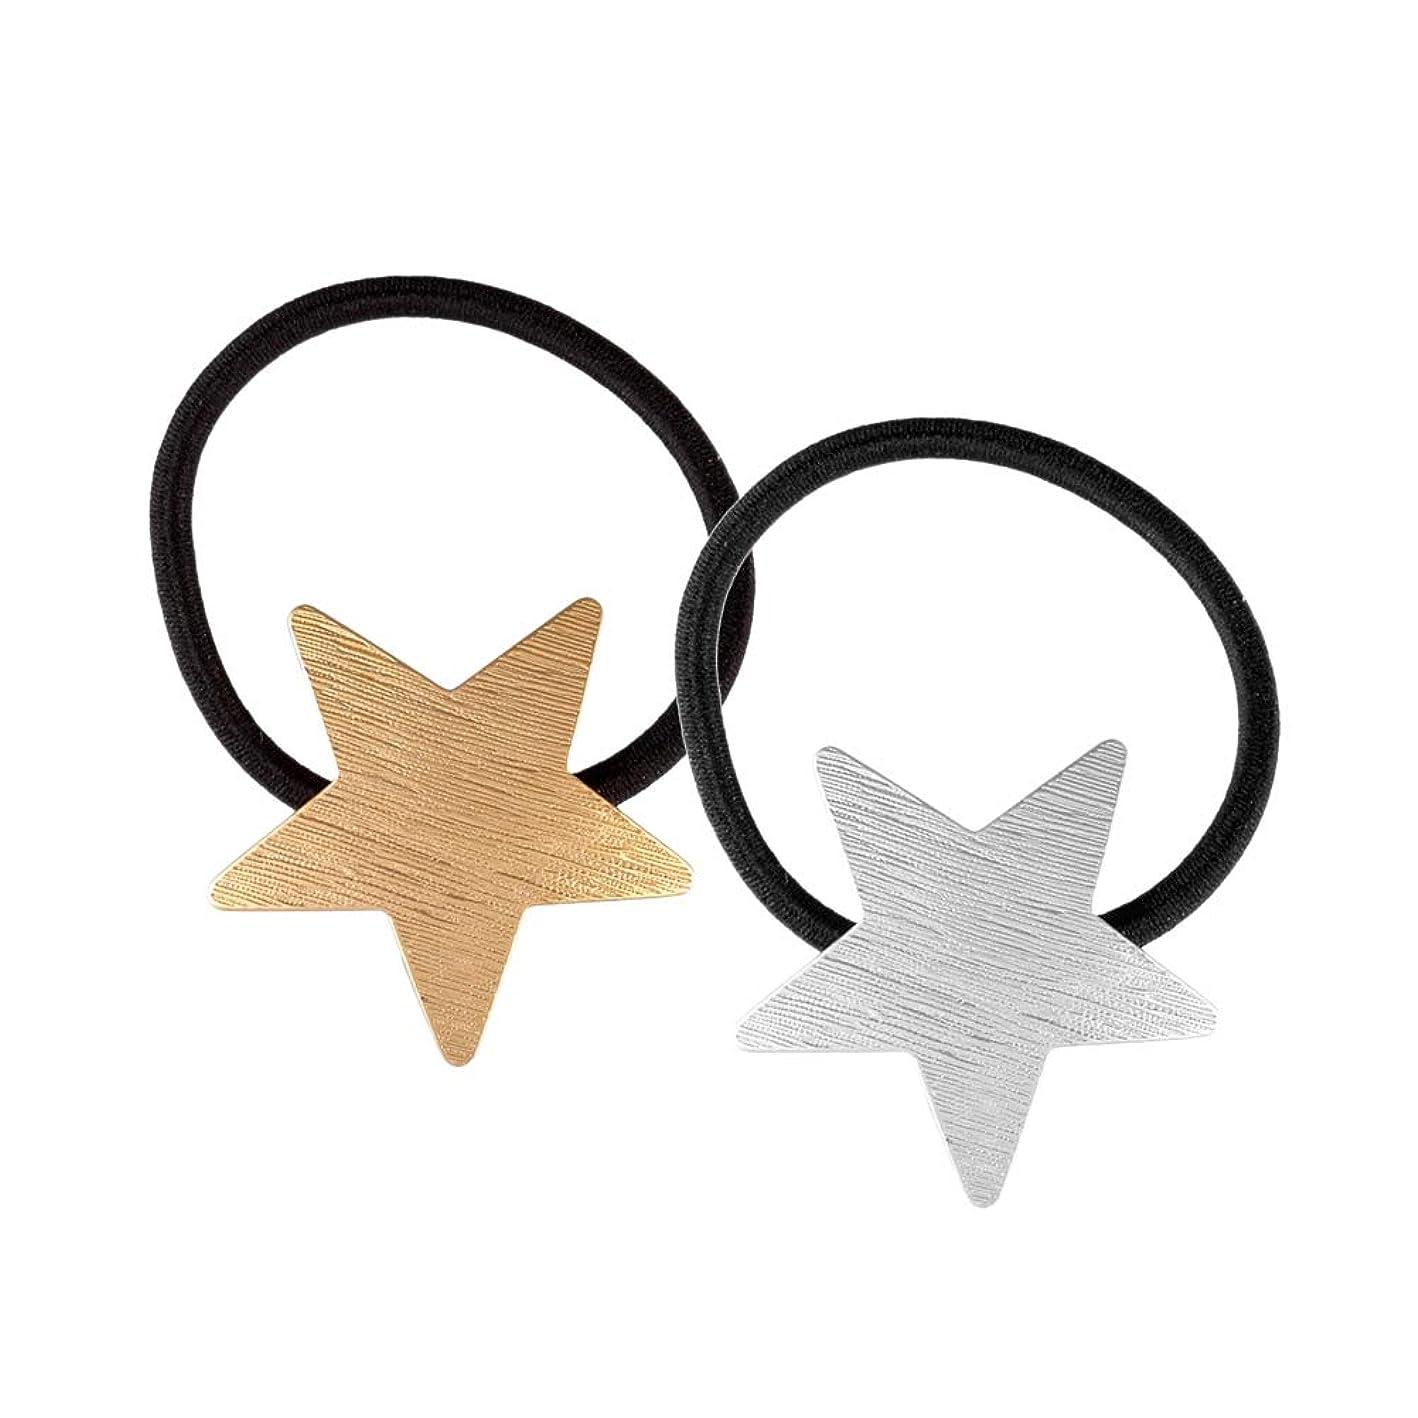 高架魂クーポンLurrose 2ピース弾性ヘアネクタイ金属合金ヘアネクタイペンタグラムポニーテールホルダー用女性女の子(ゴールドとシルバー)